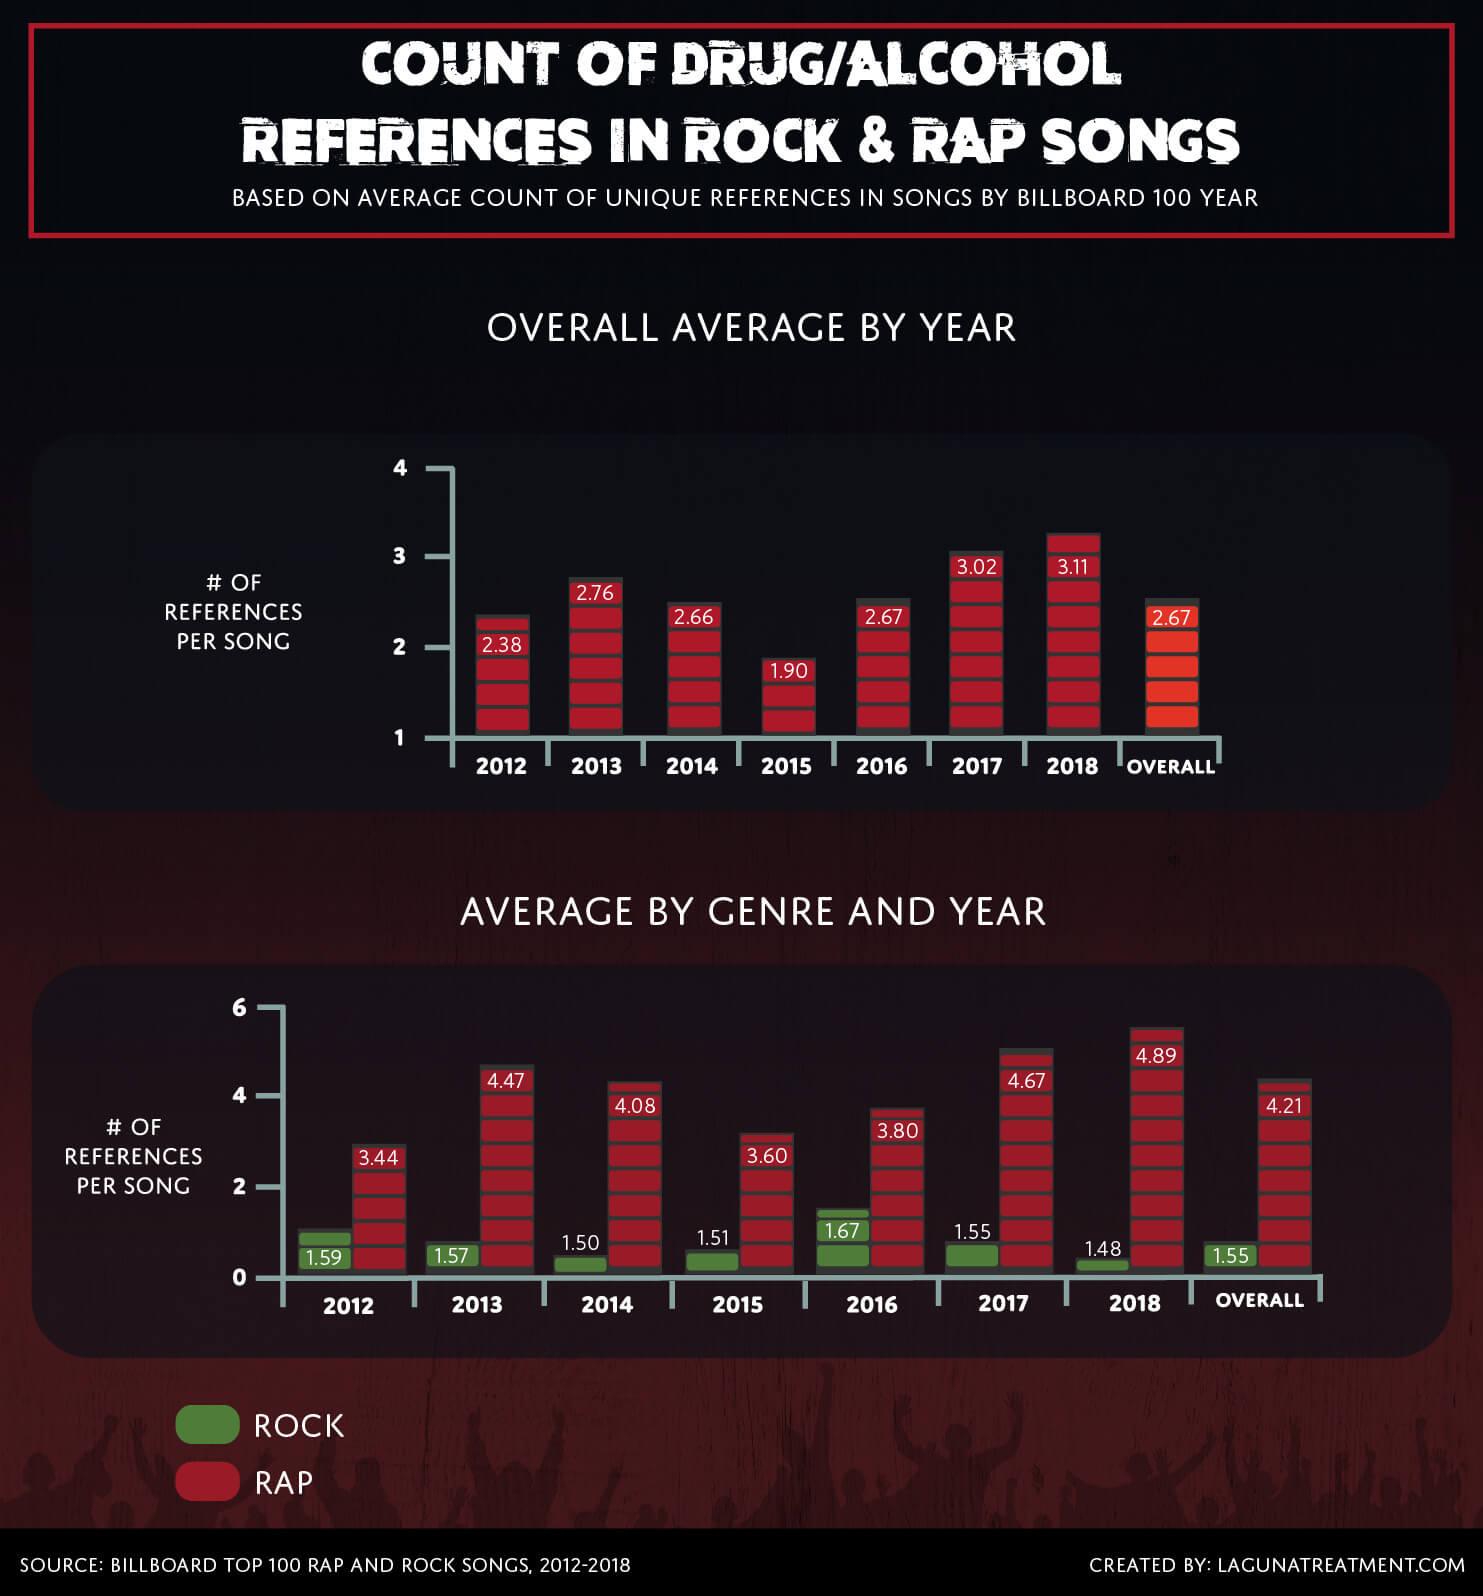 referencias-a-drogas-en-canciones-de-rock-y-rap